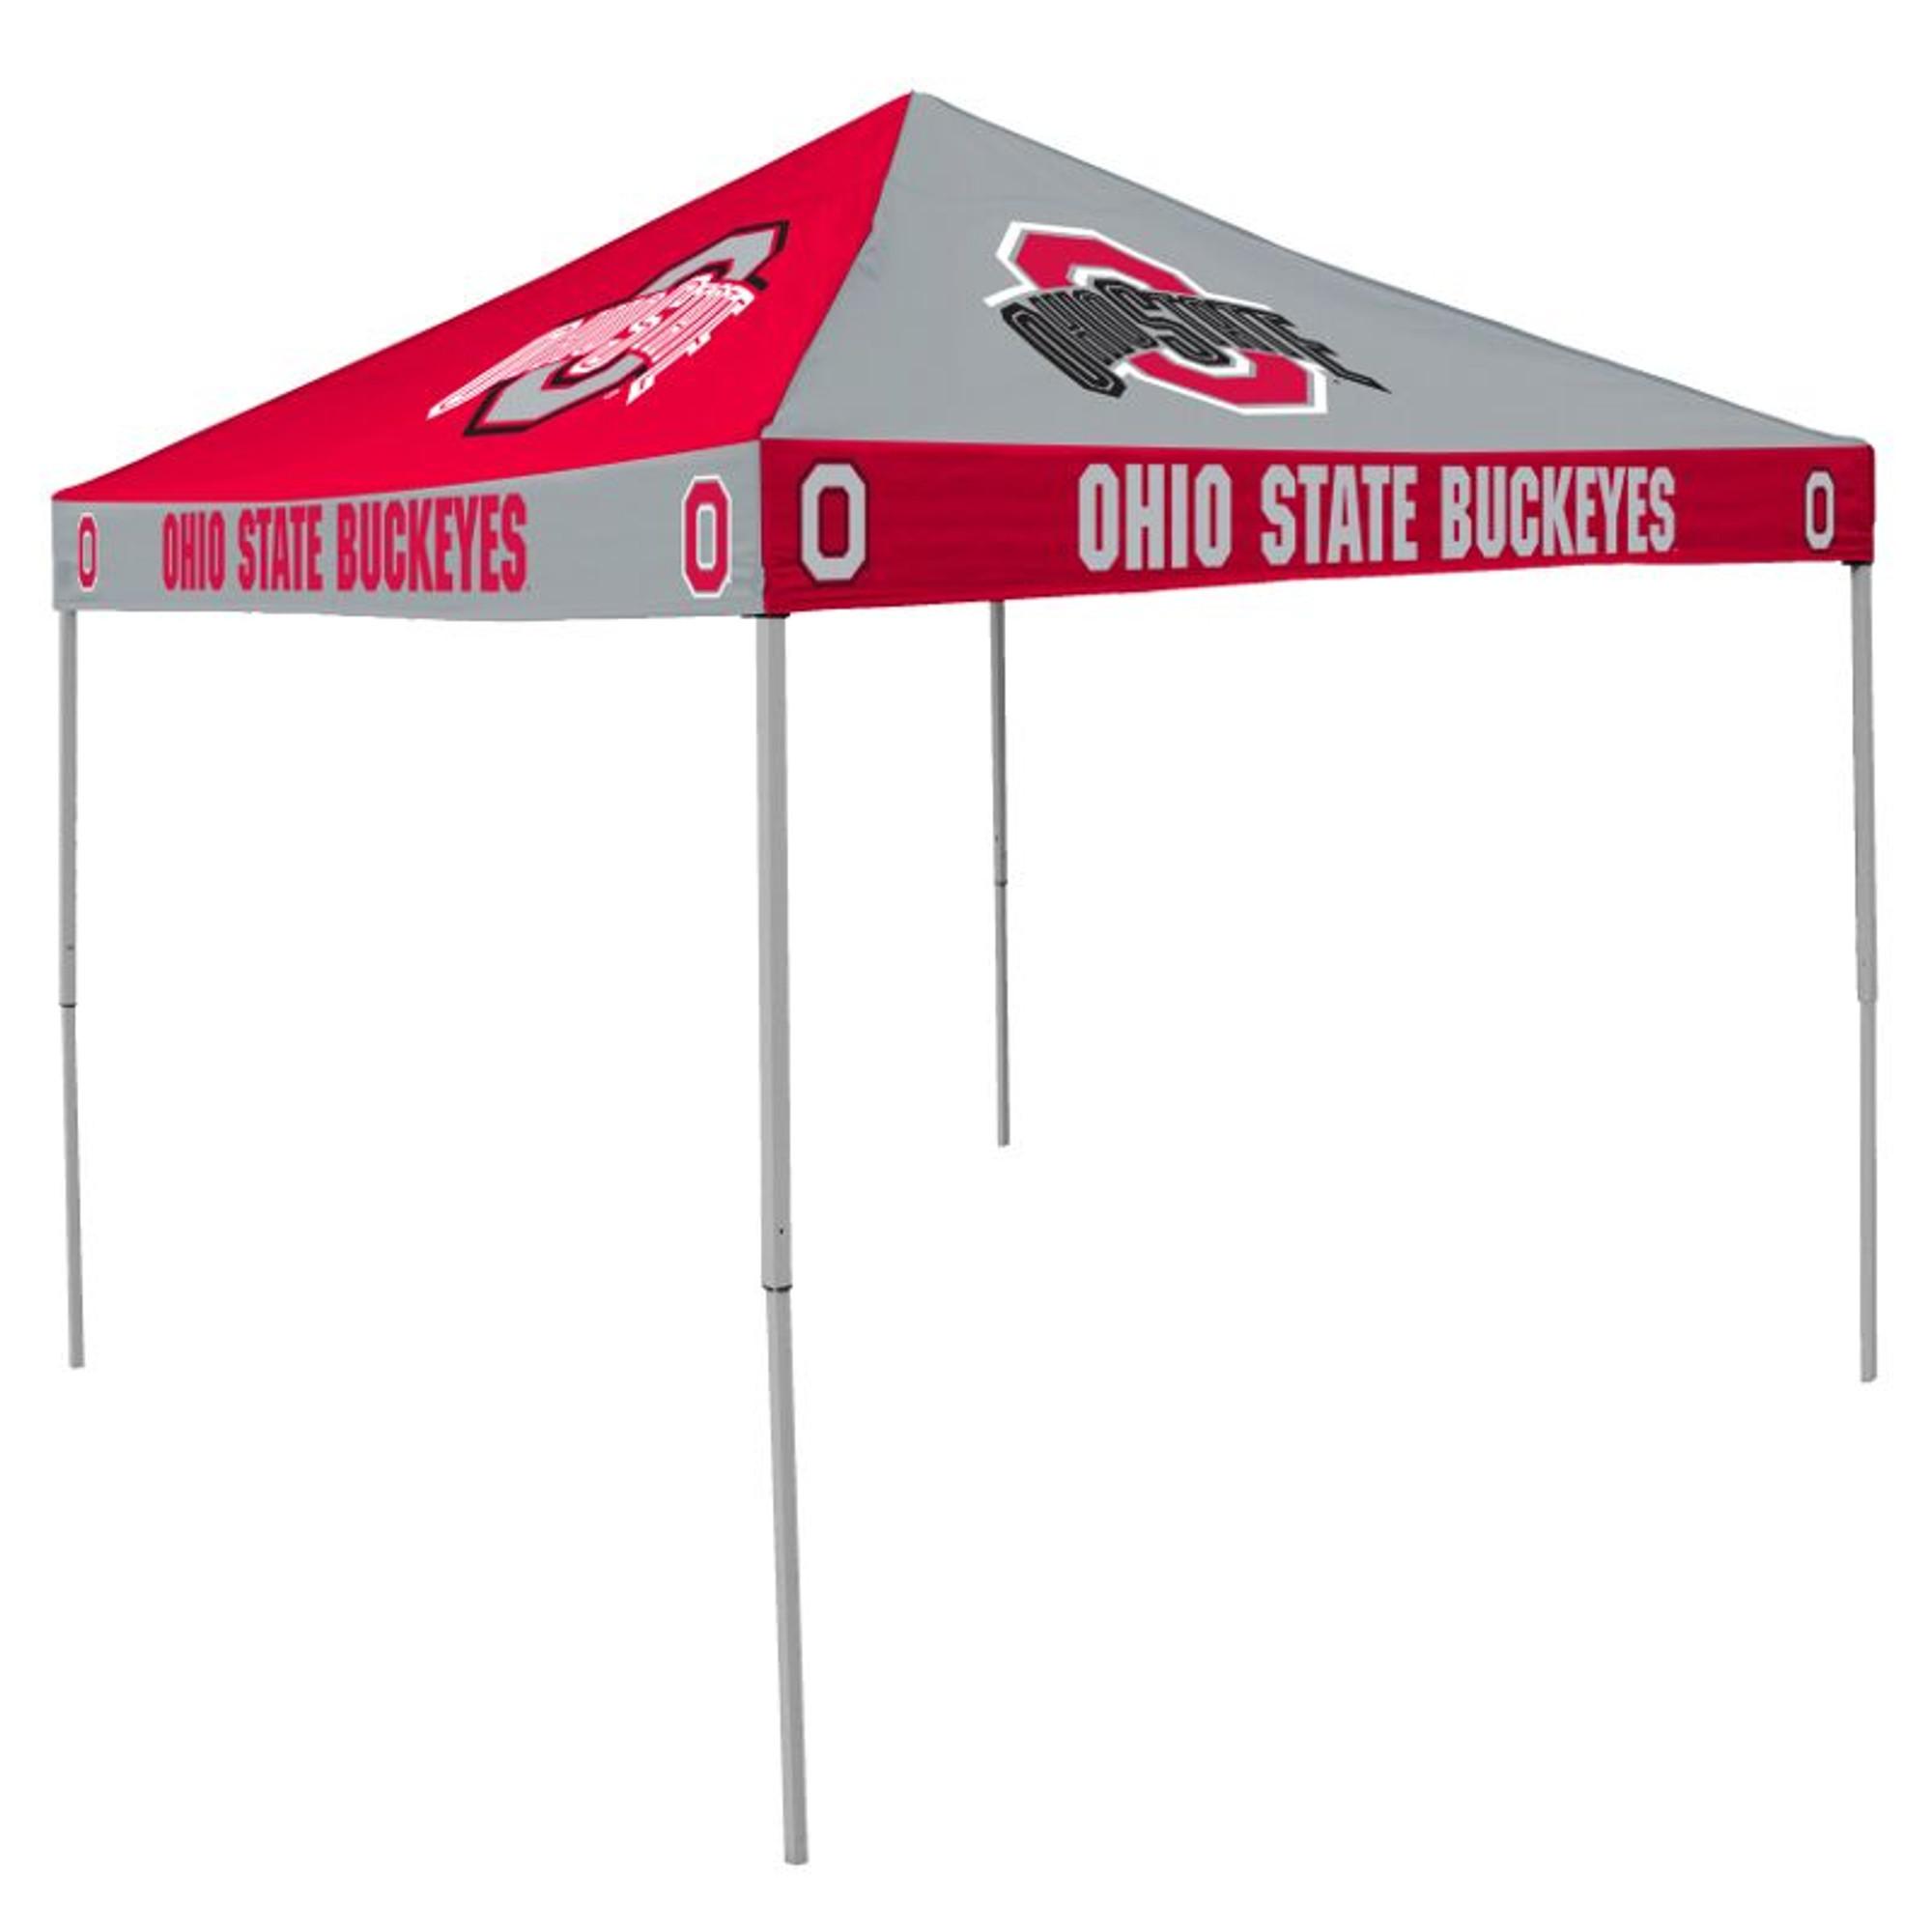 Ohio State Buckeyes Tailgate Tent